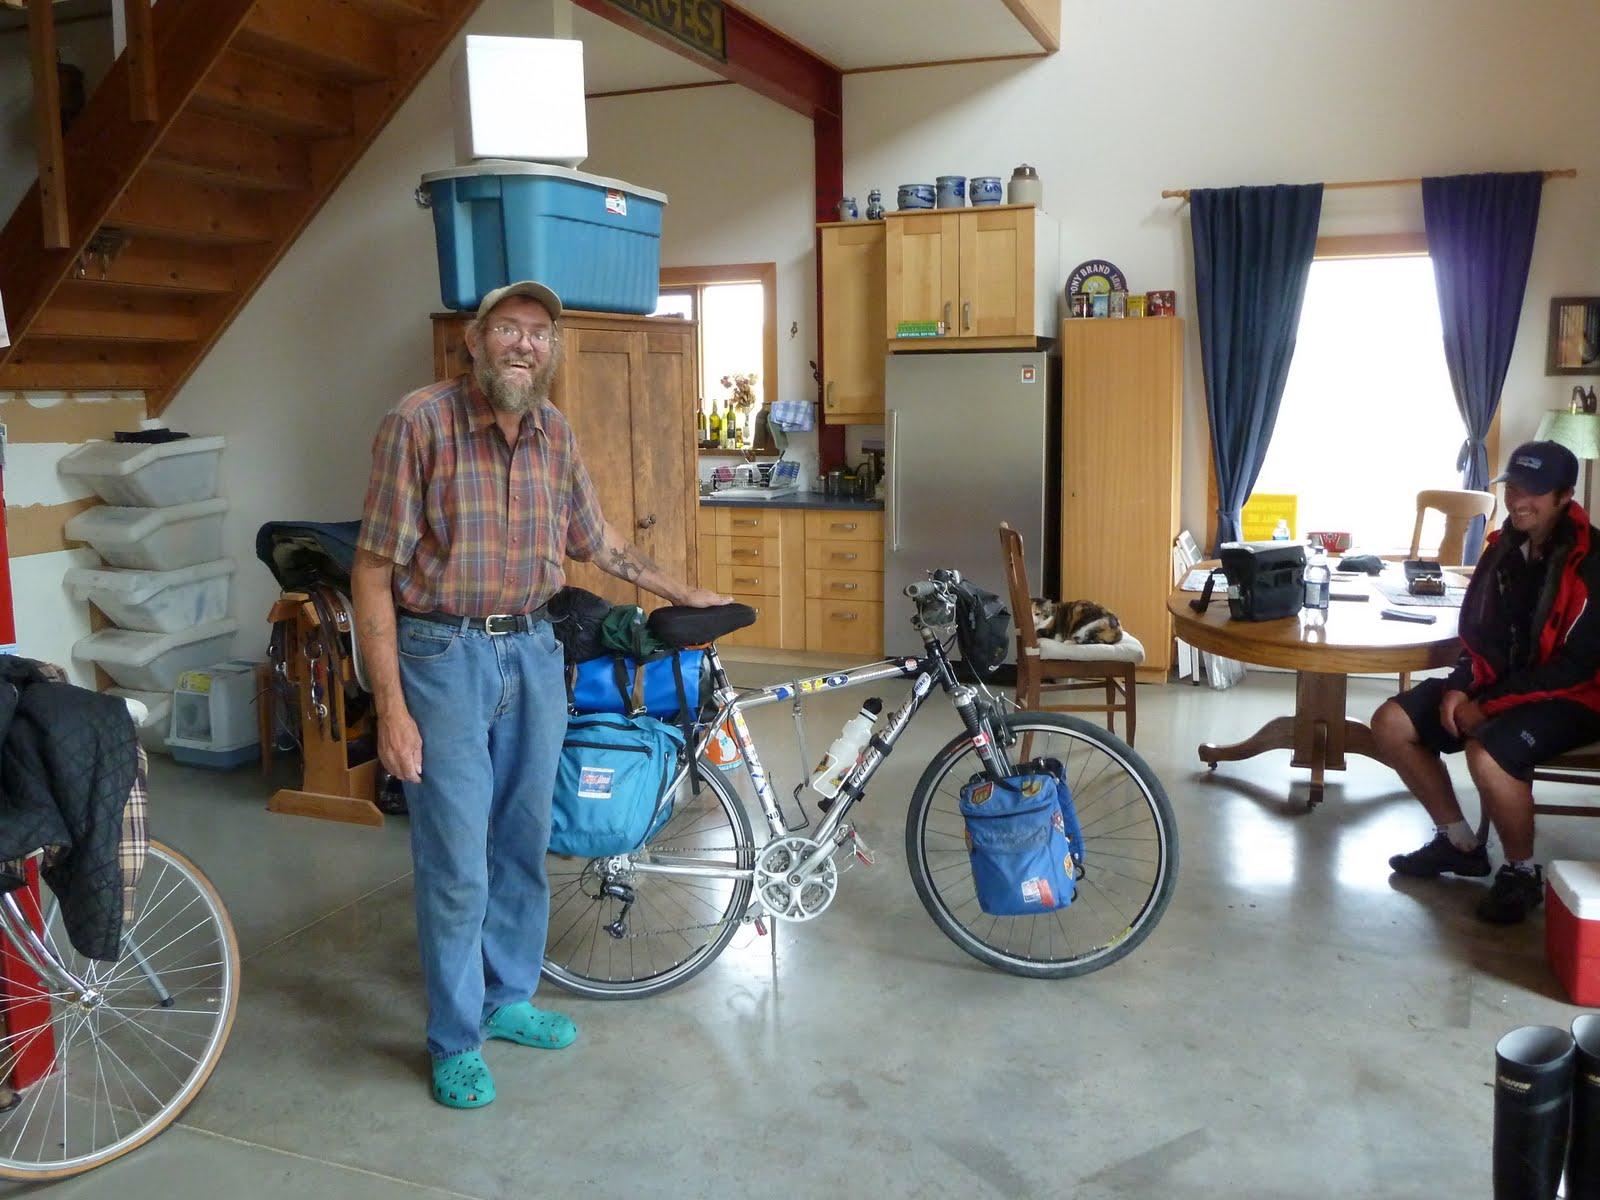 fahrrad weltreise von roger julia back to the usa oder julia roger im gl ck. Black Bedroom Furniture Sets. Home Design Ideas